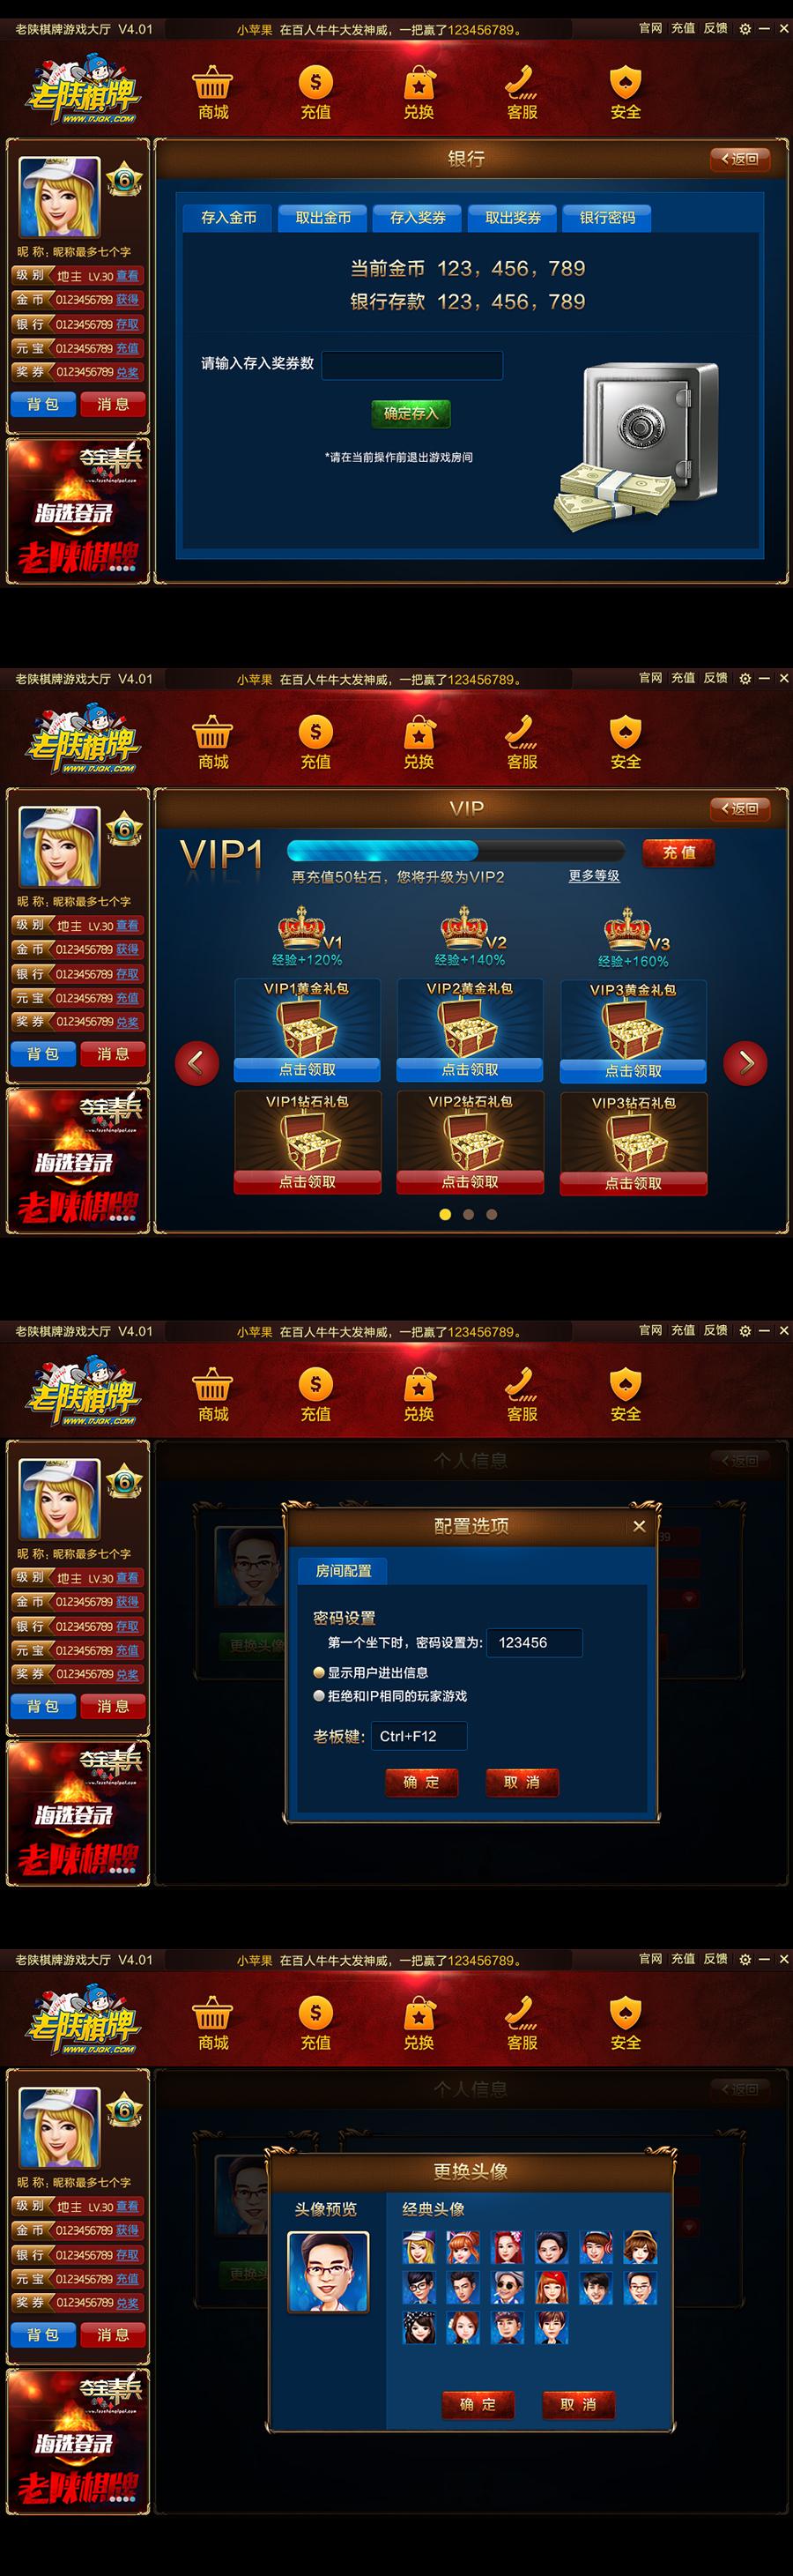 游戏界面-挖坑-ui-游戏ui-dingdong_sun - 原创作品